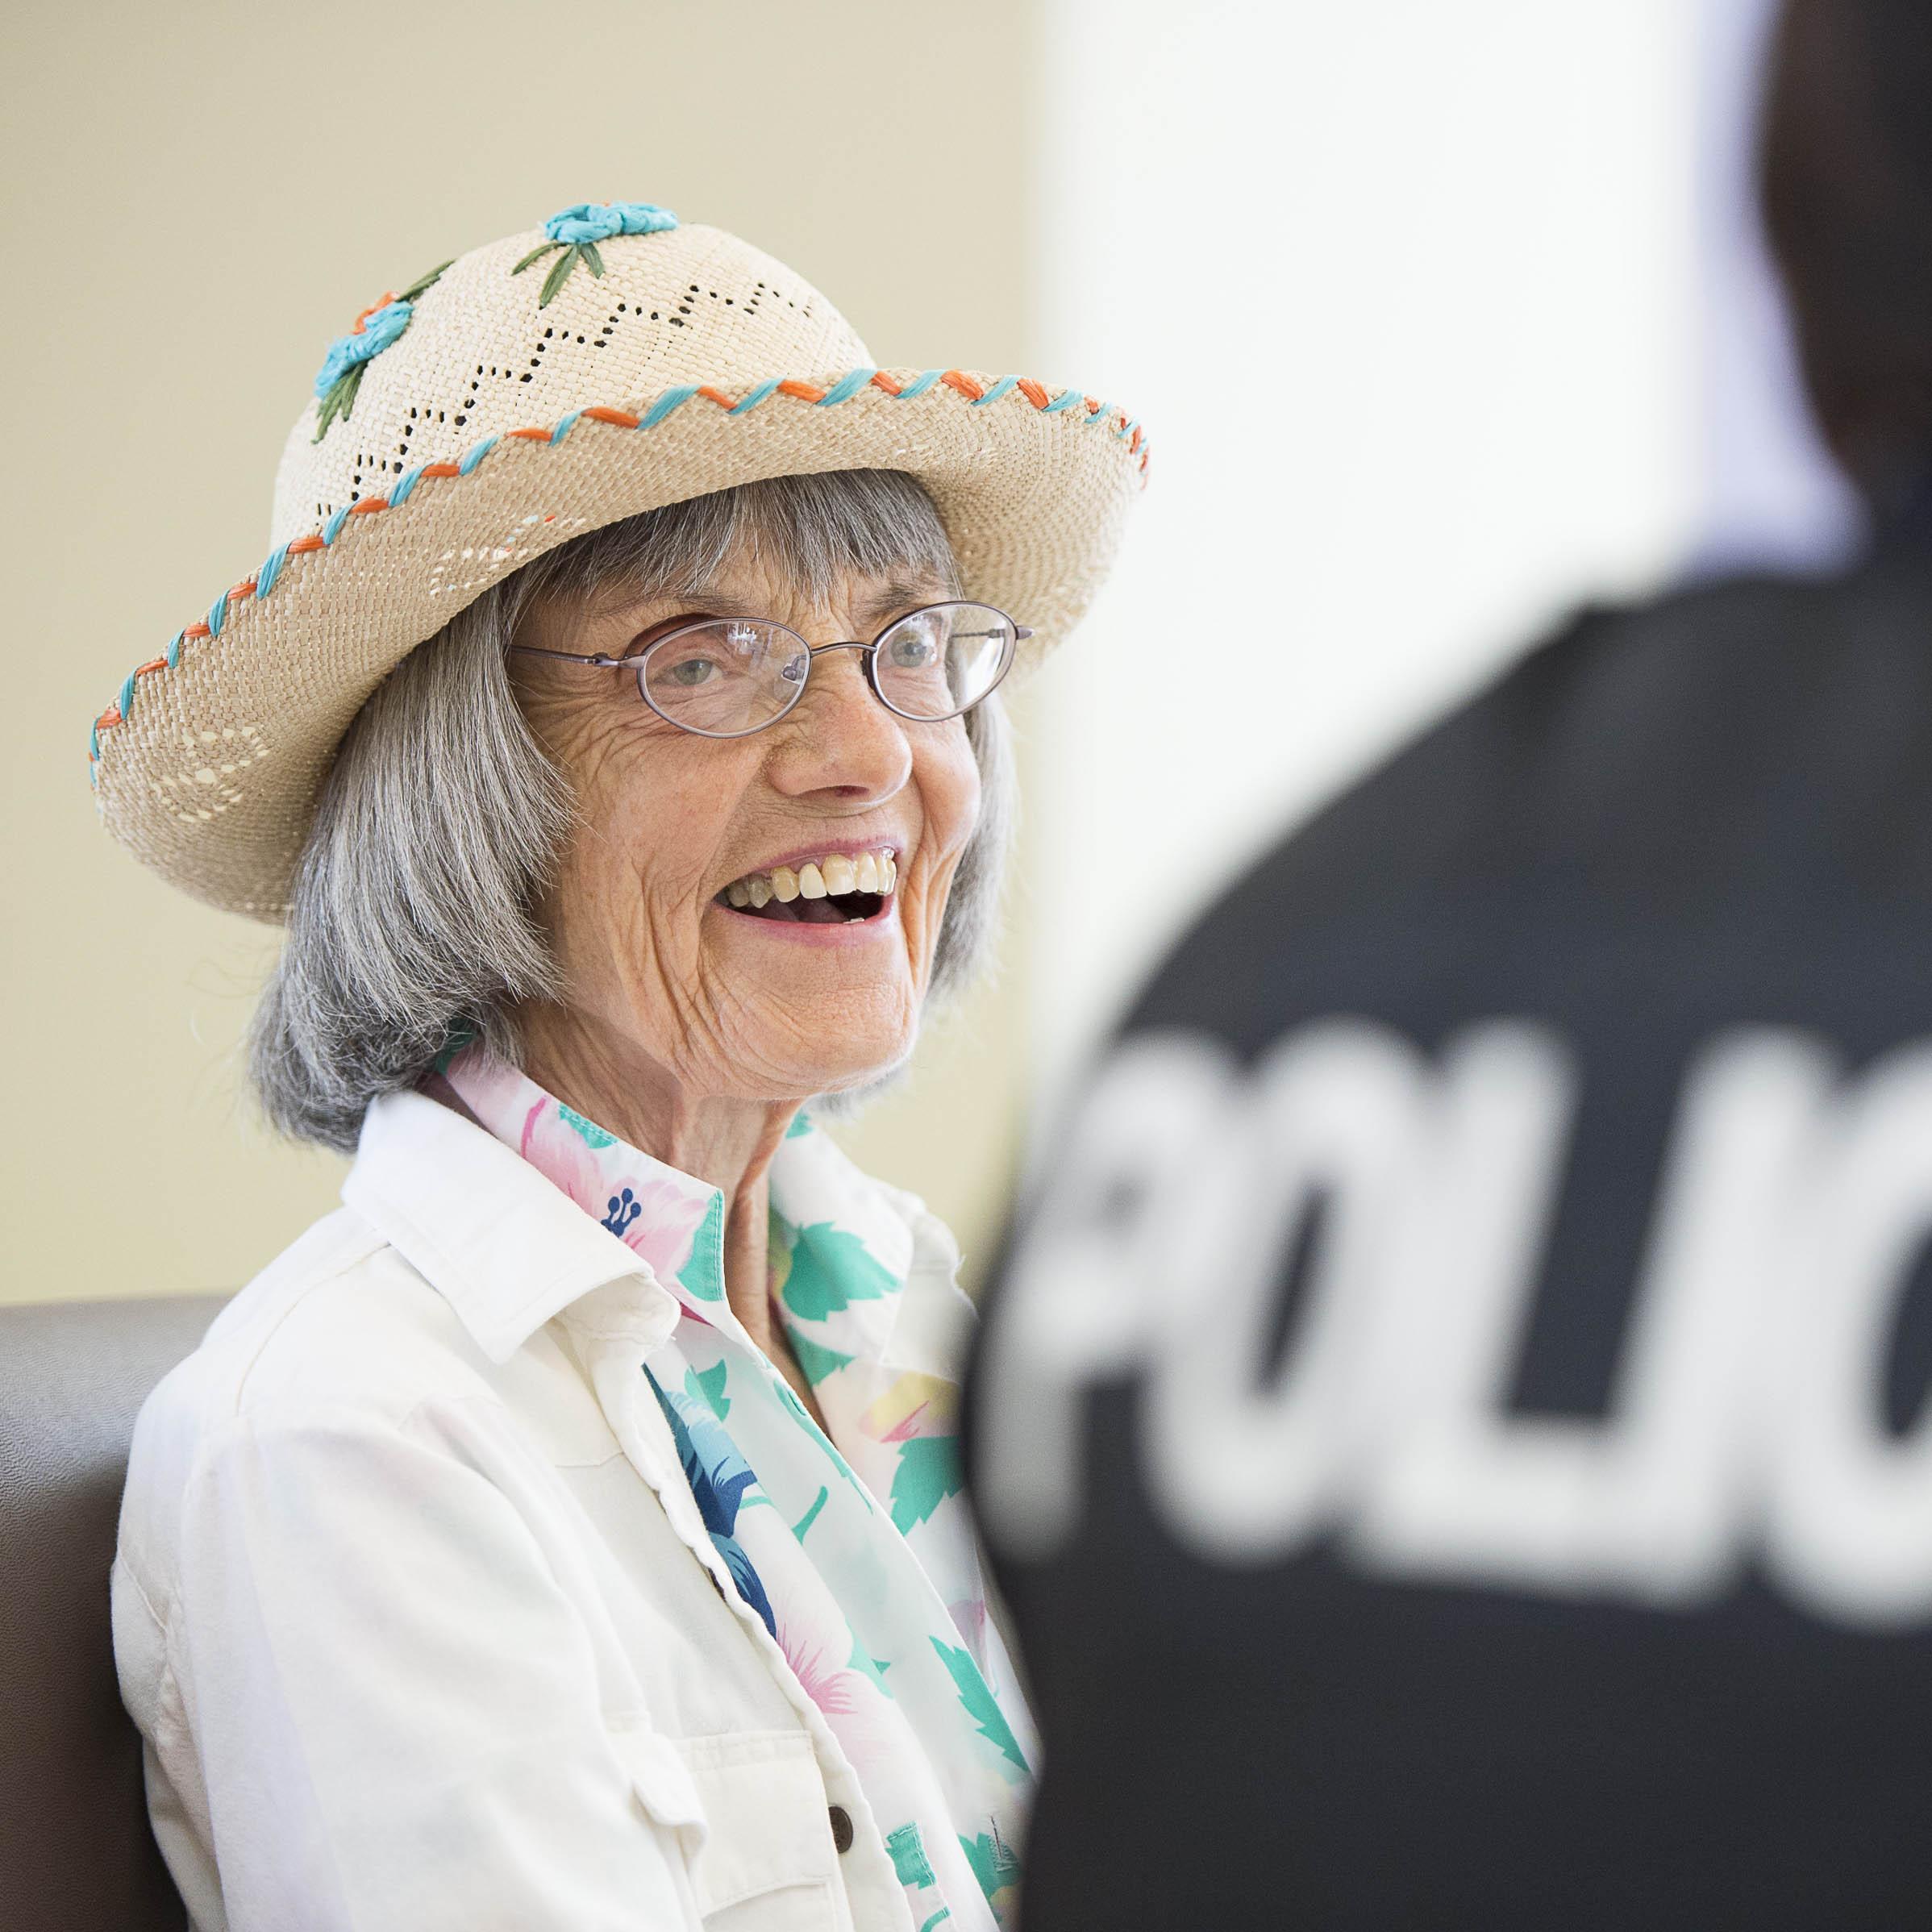 Le Mois des personnes âgées nous donne la chance de rendre hommage  à l'apport de nos aînés et de veiller sur leur sûreté